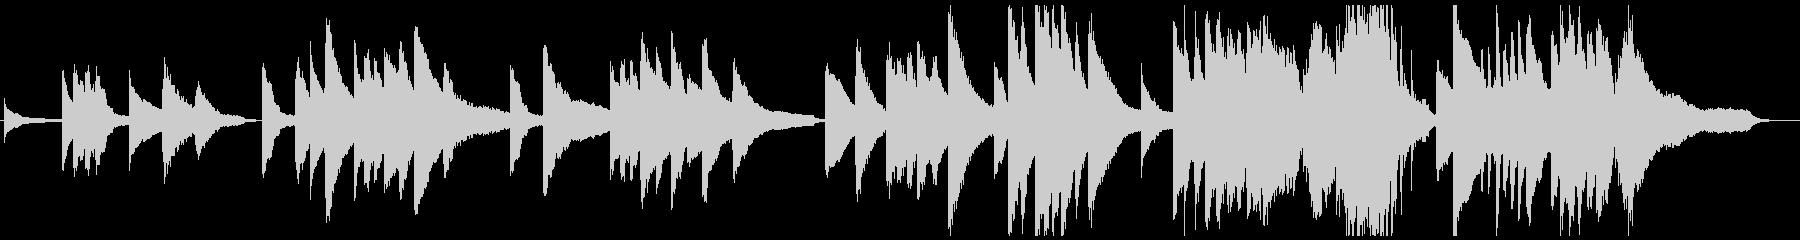 ドビュッシー風 印象派 癒し系ピアノの未再生の波形